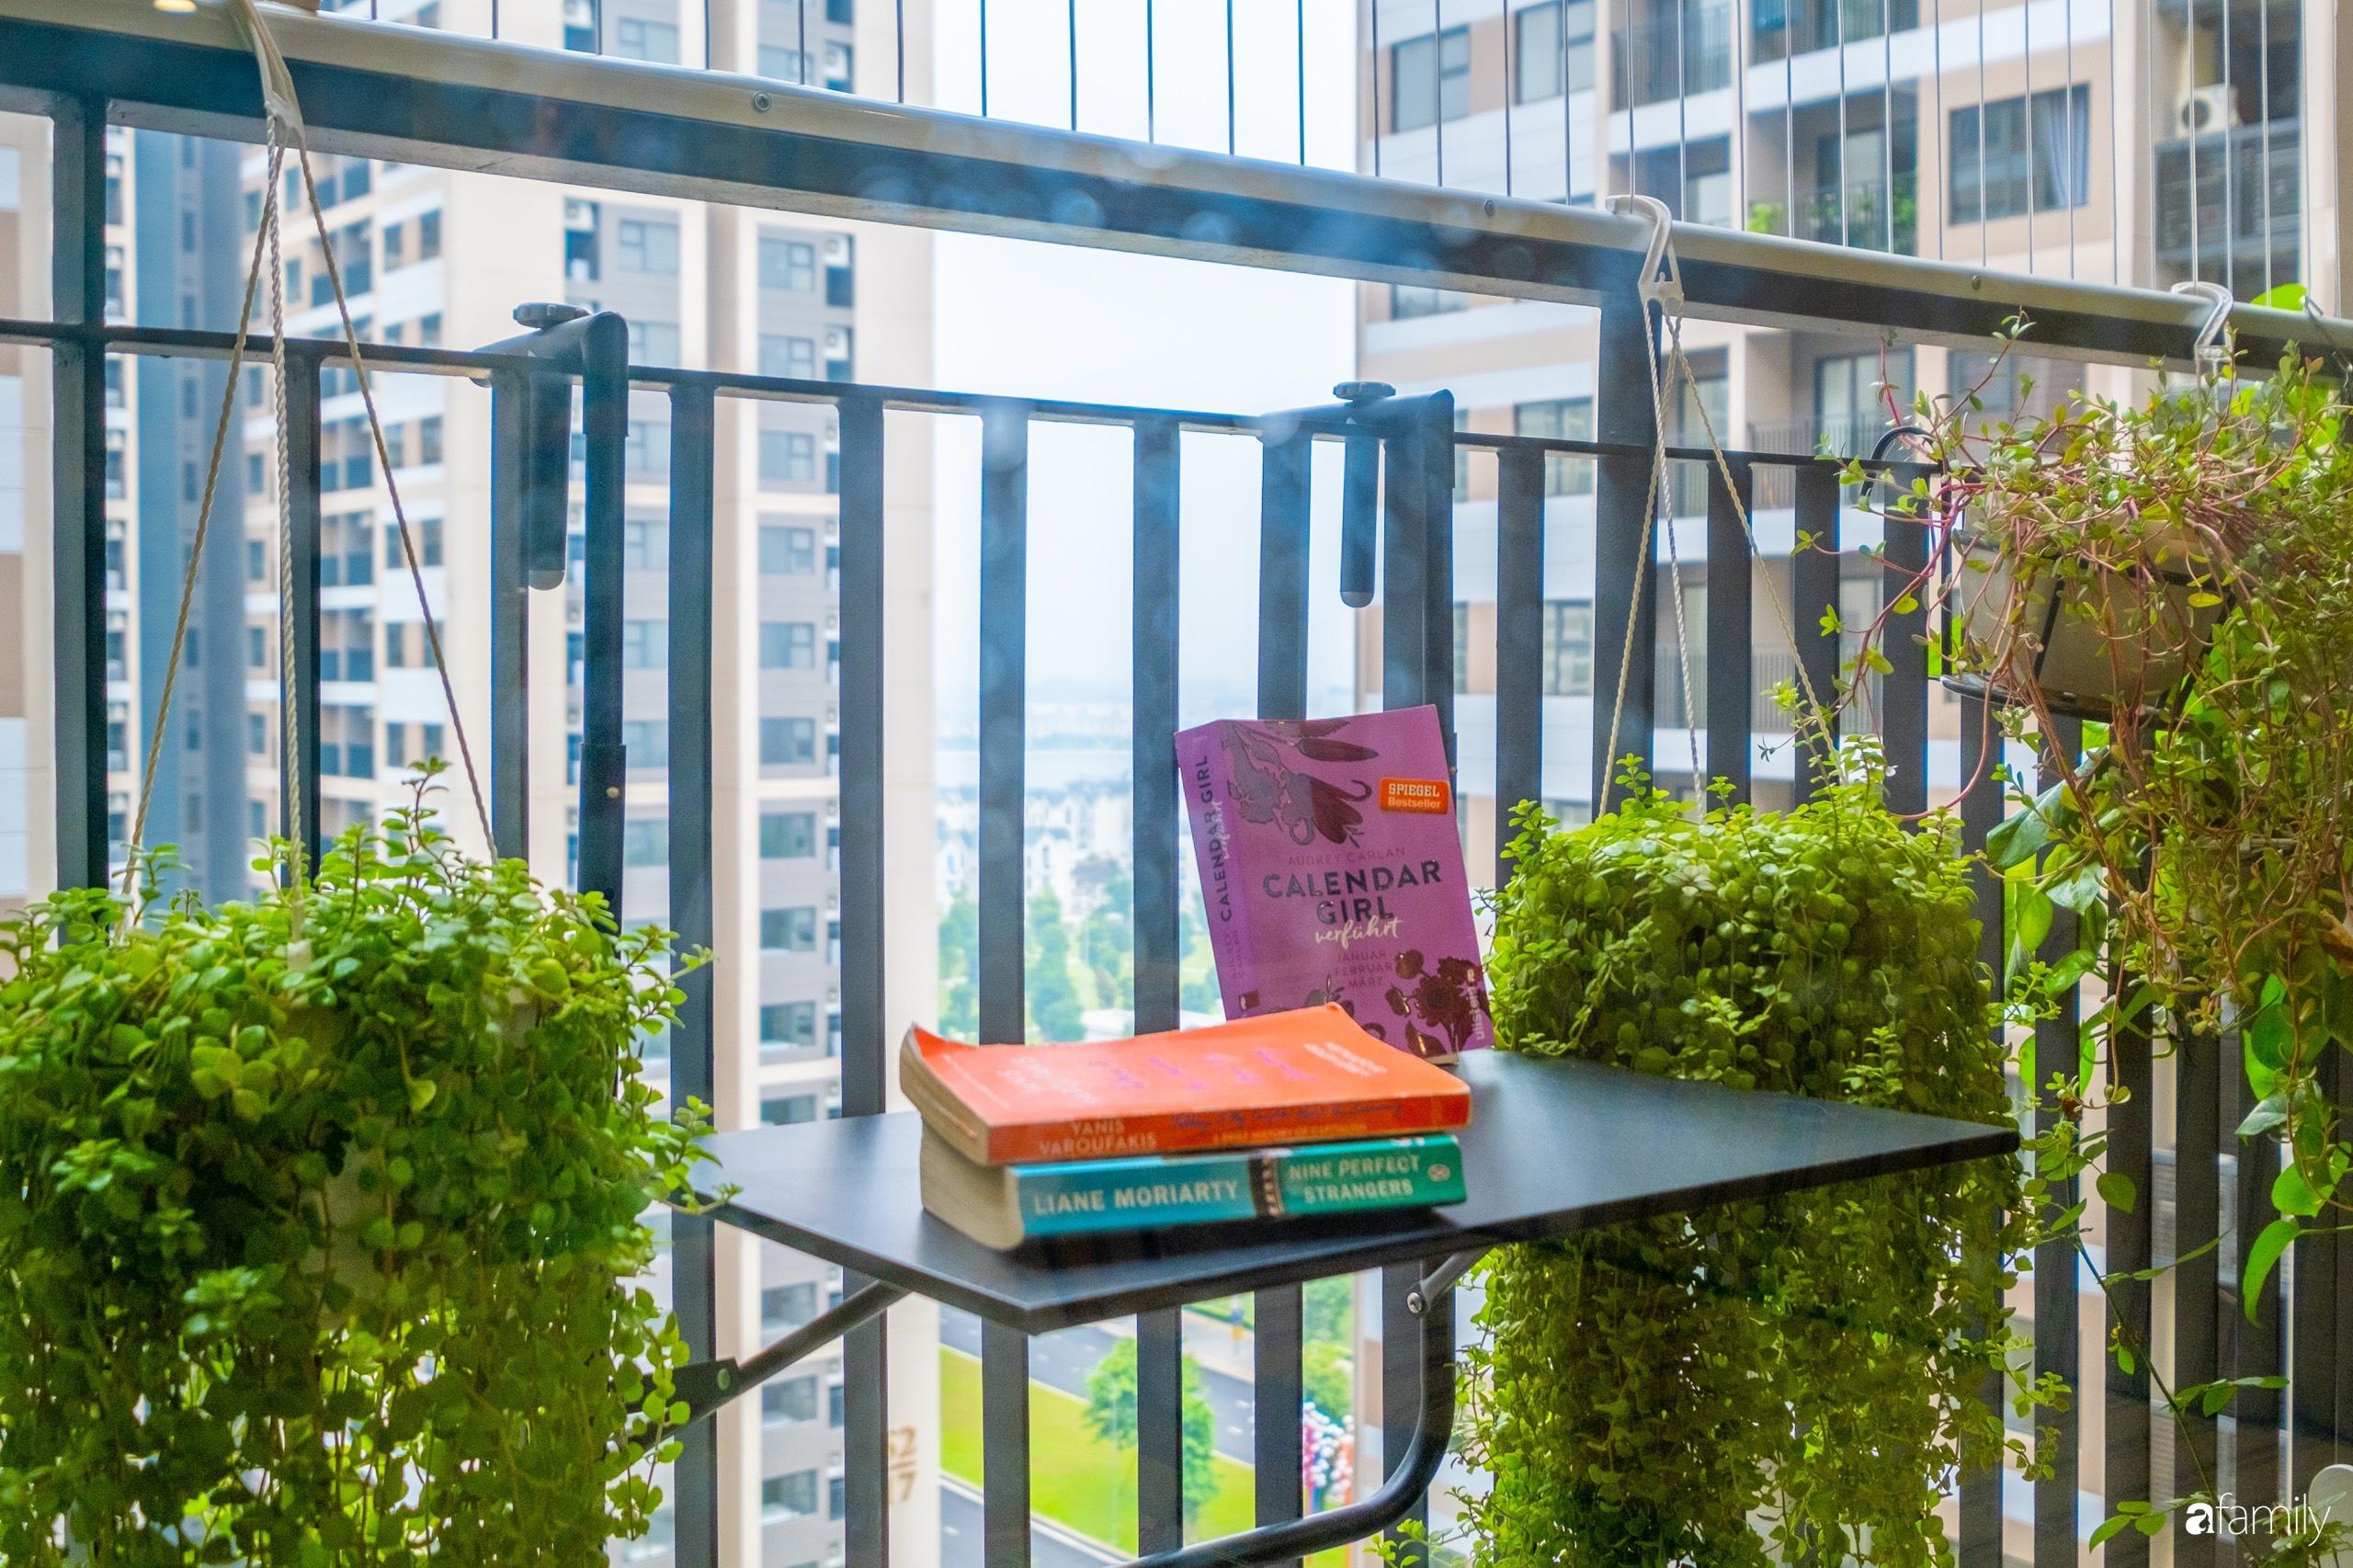 Căn hộ 54m² đẹp cuốn hút với tông màu xanh gần gũi với thiên nhiên có chi phí hoàn thiện nội thất 150 triệu đồng ở Hà Nội - Ảnh 9.